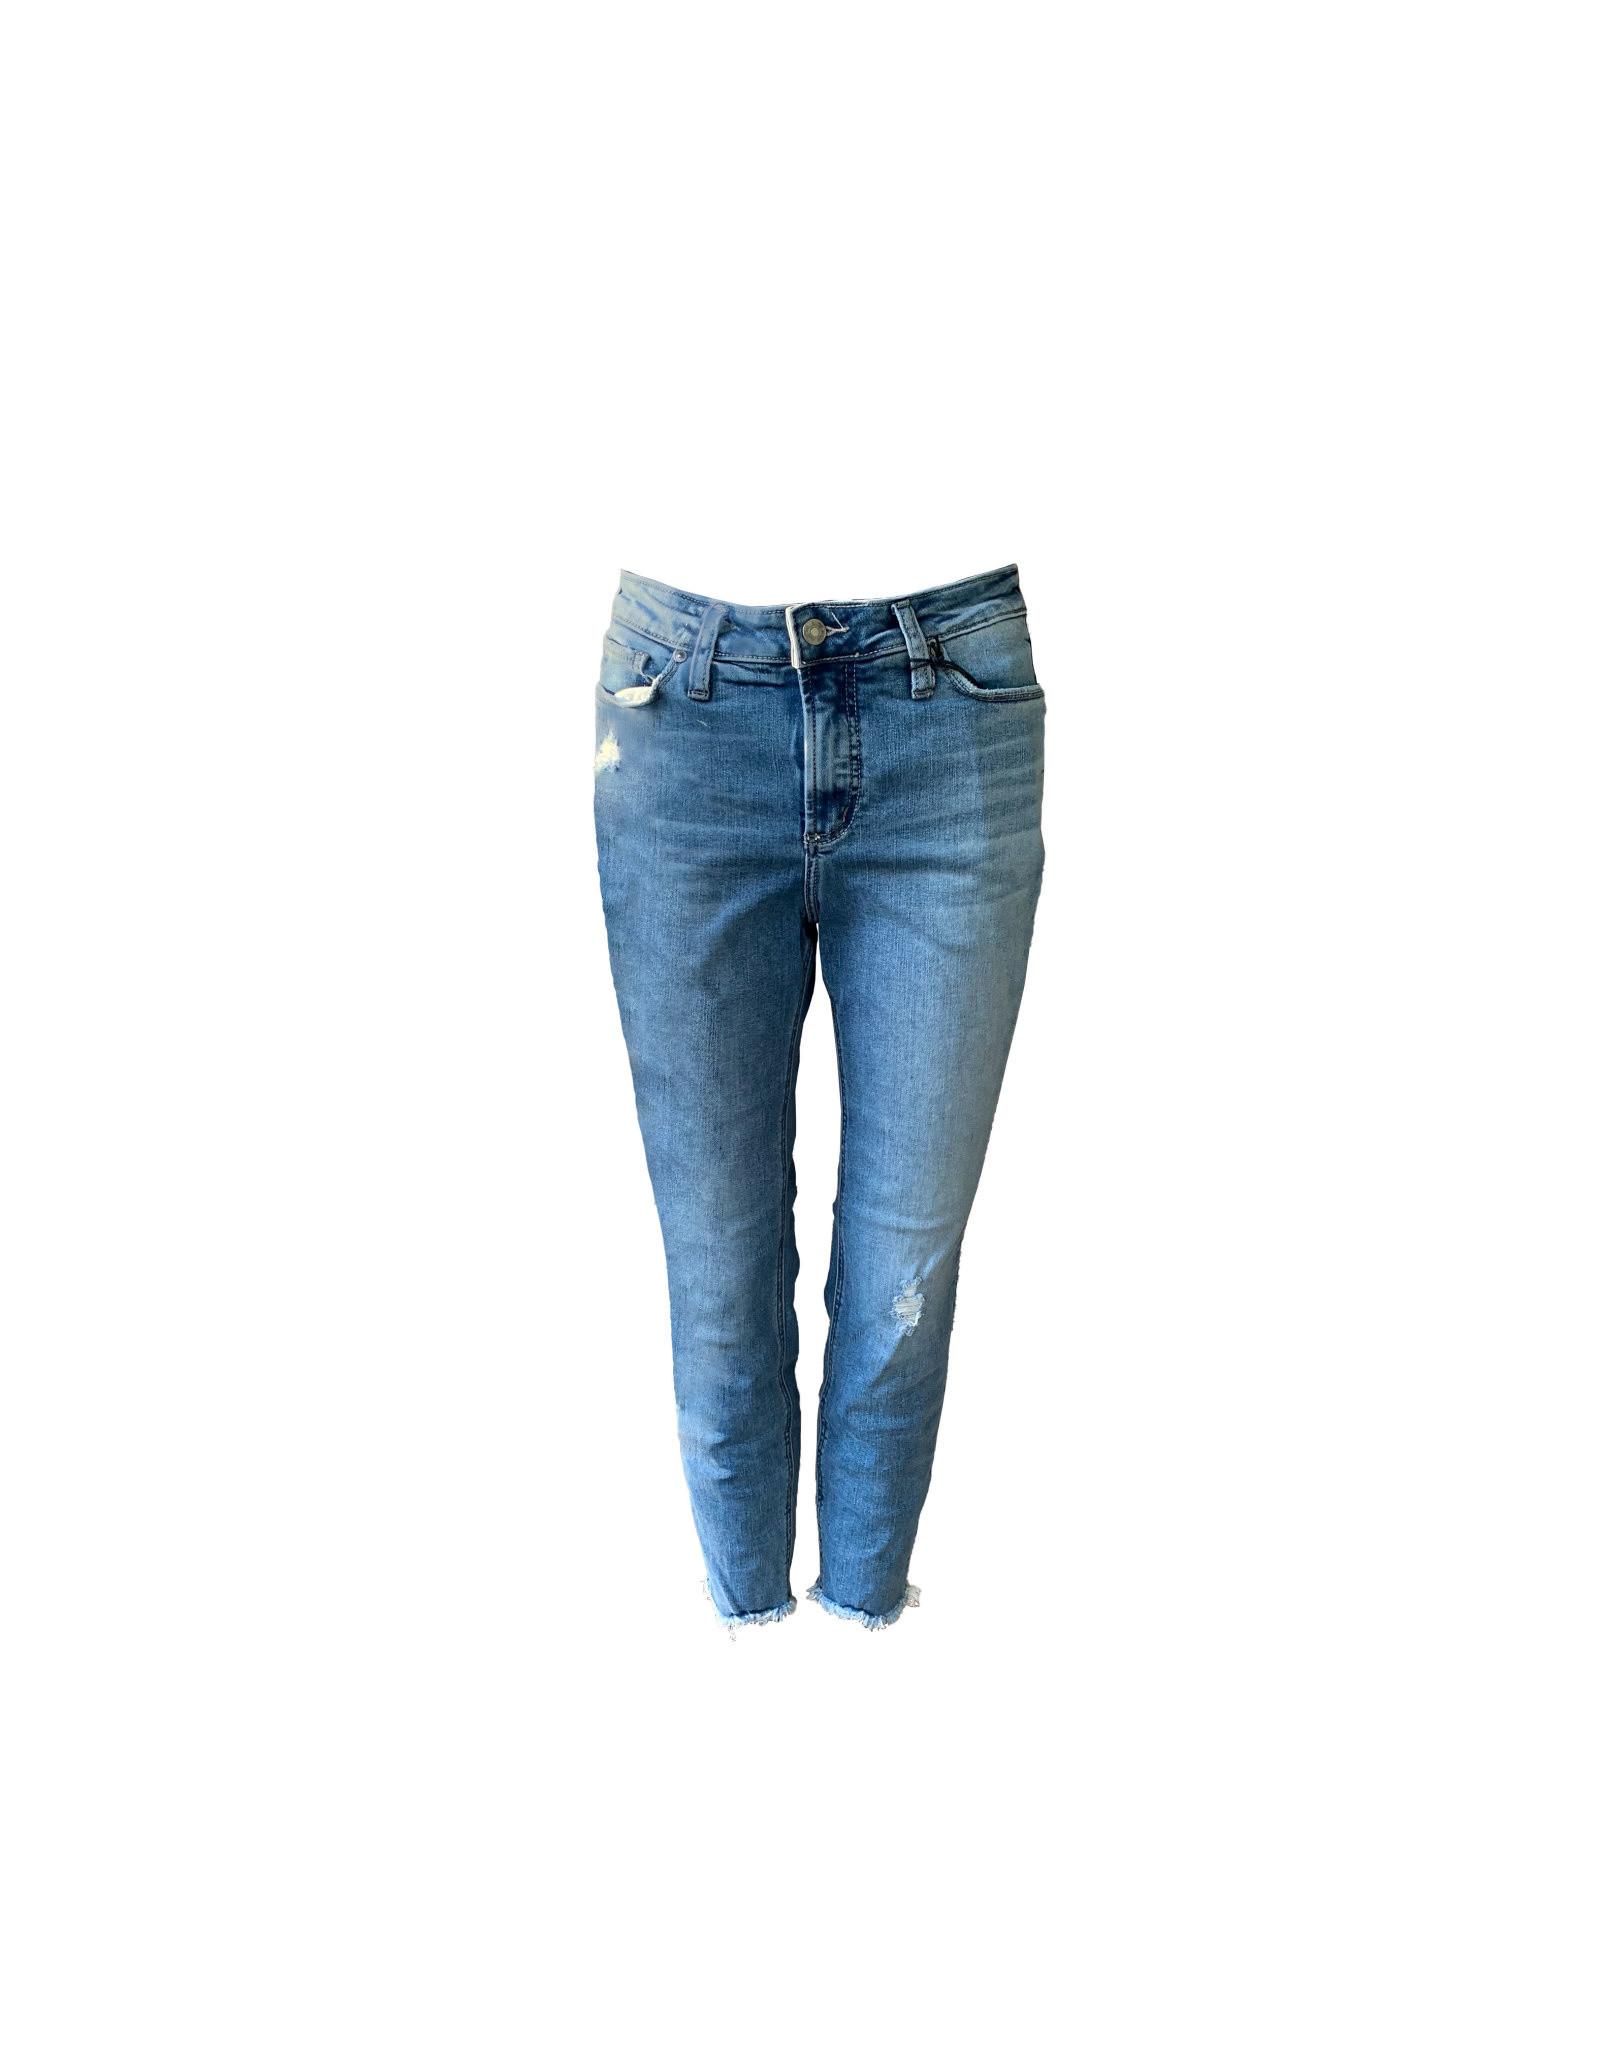 SILVER JEANS.CO Silver Jeans.co Skinny jeans  Size: W:28 L:27